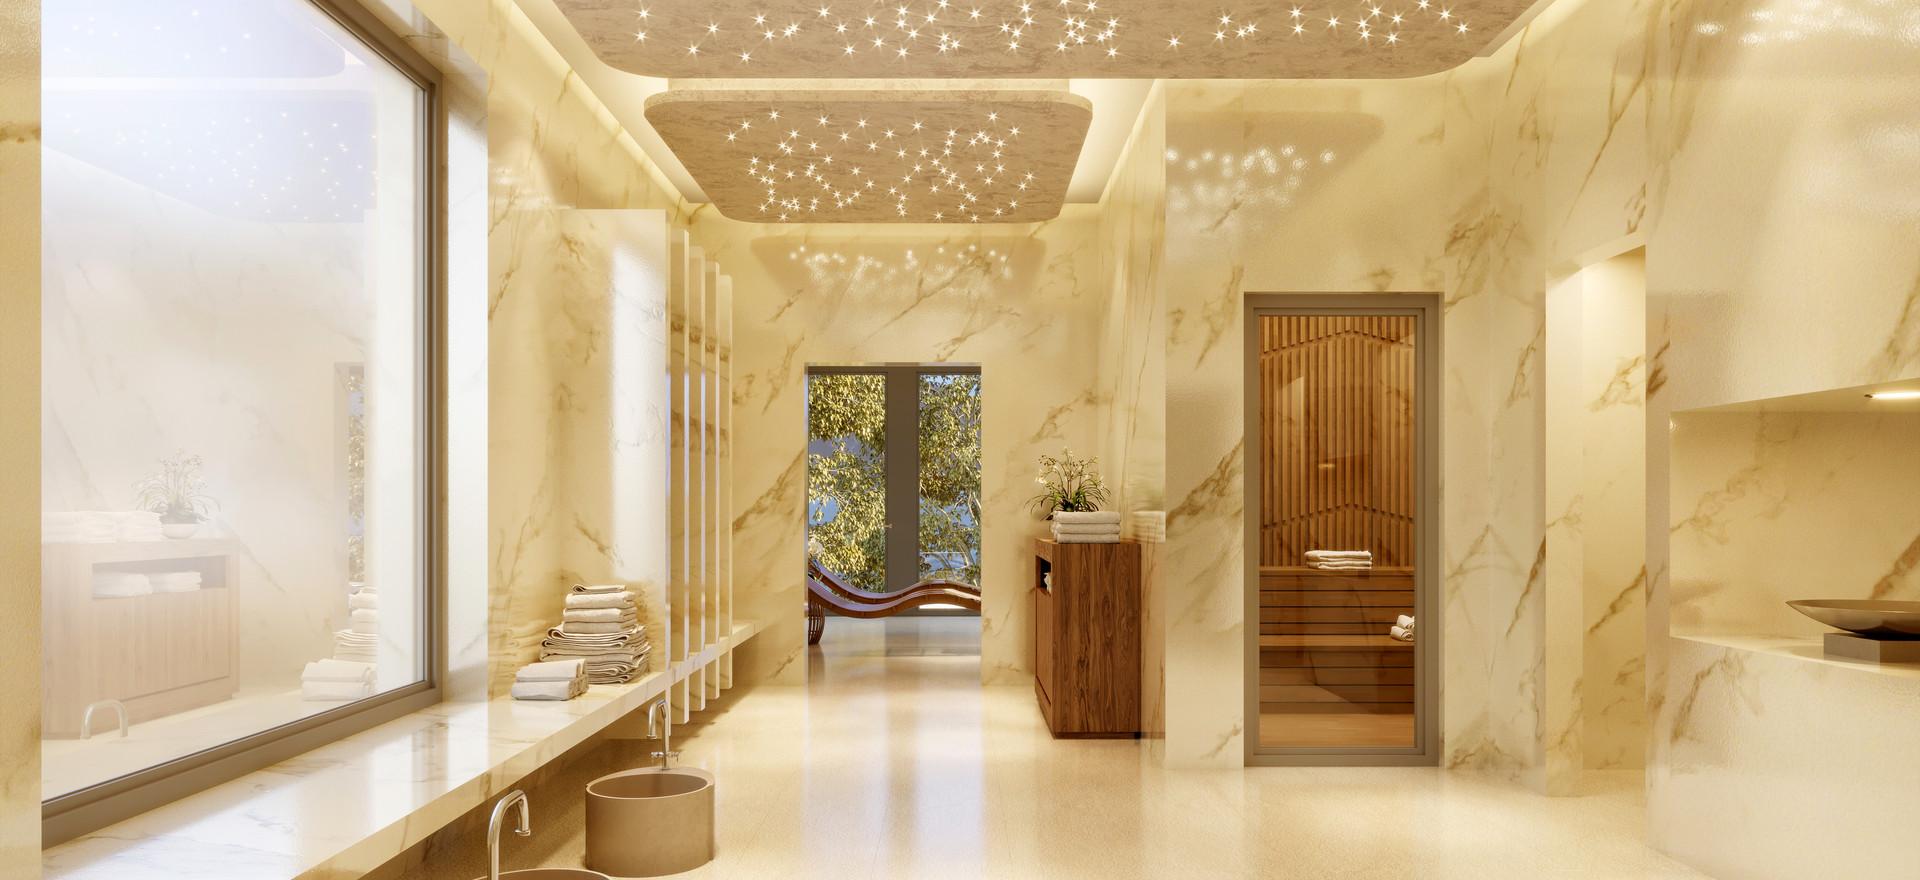 Aufregend Holzsockelleisten Fotos Von Wohndesign Design